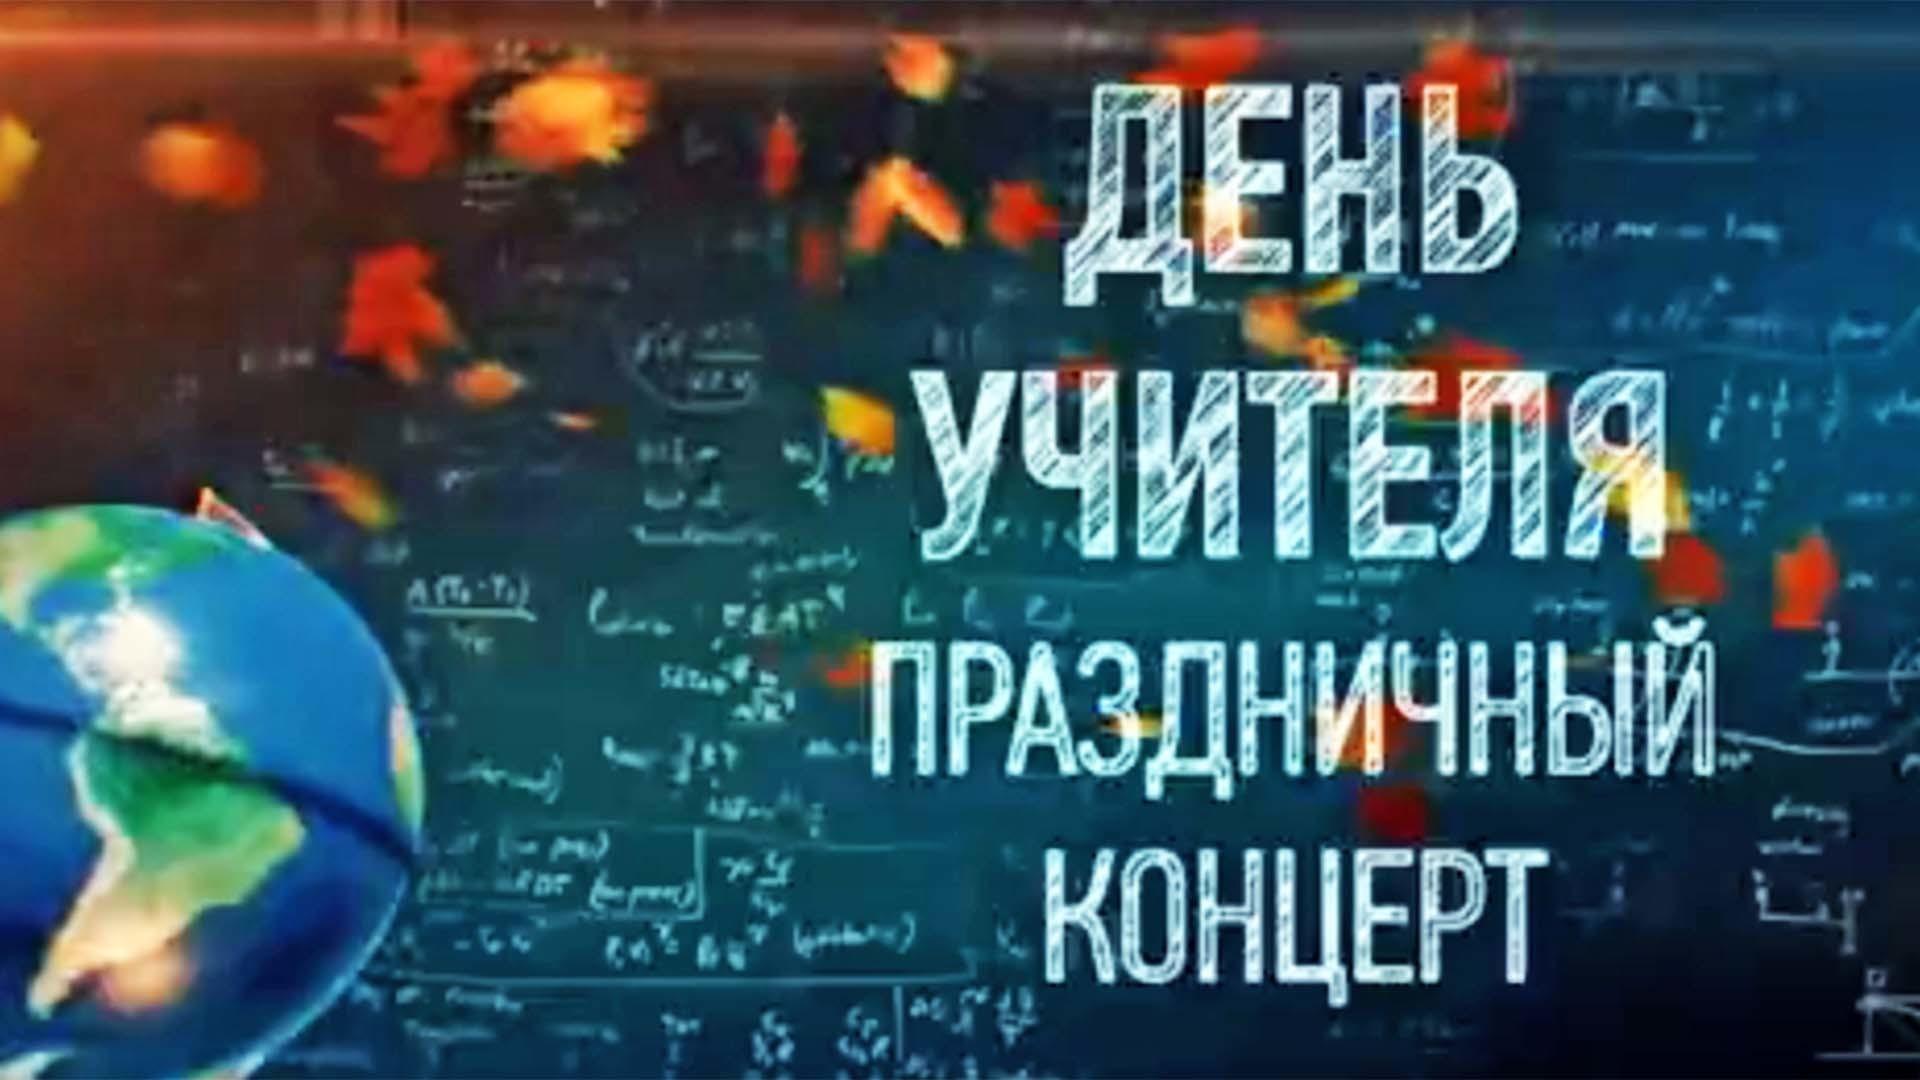 Картинки по запросу праздничный концерт День учителя